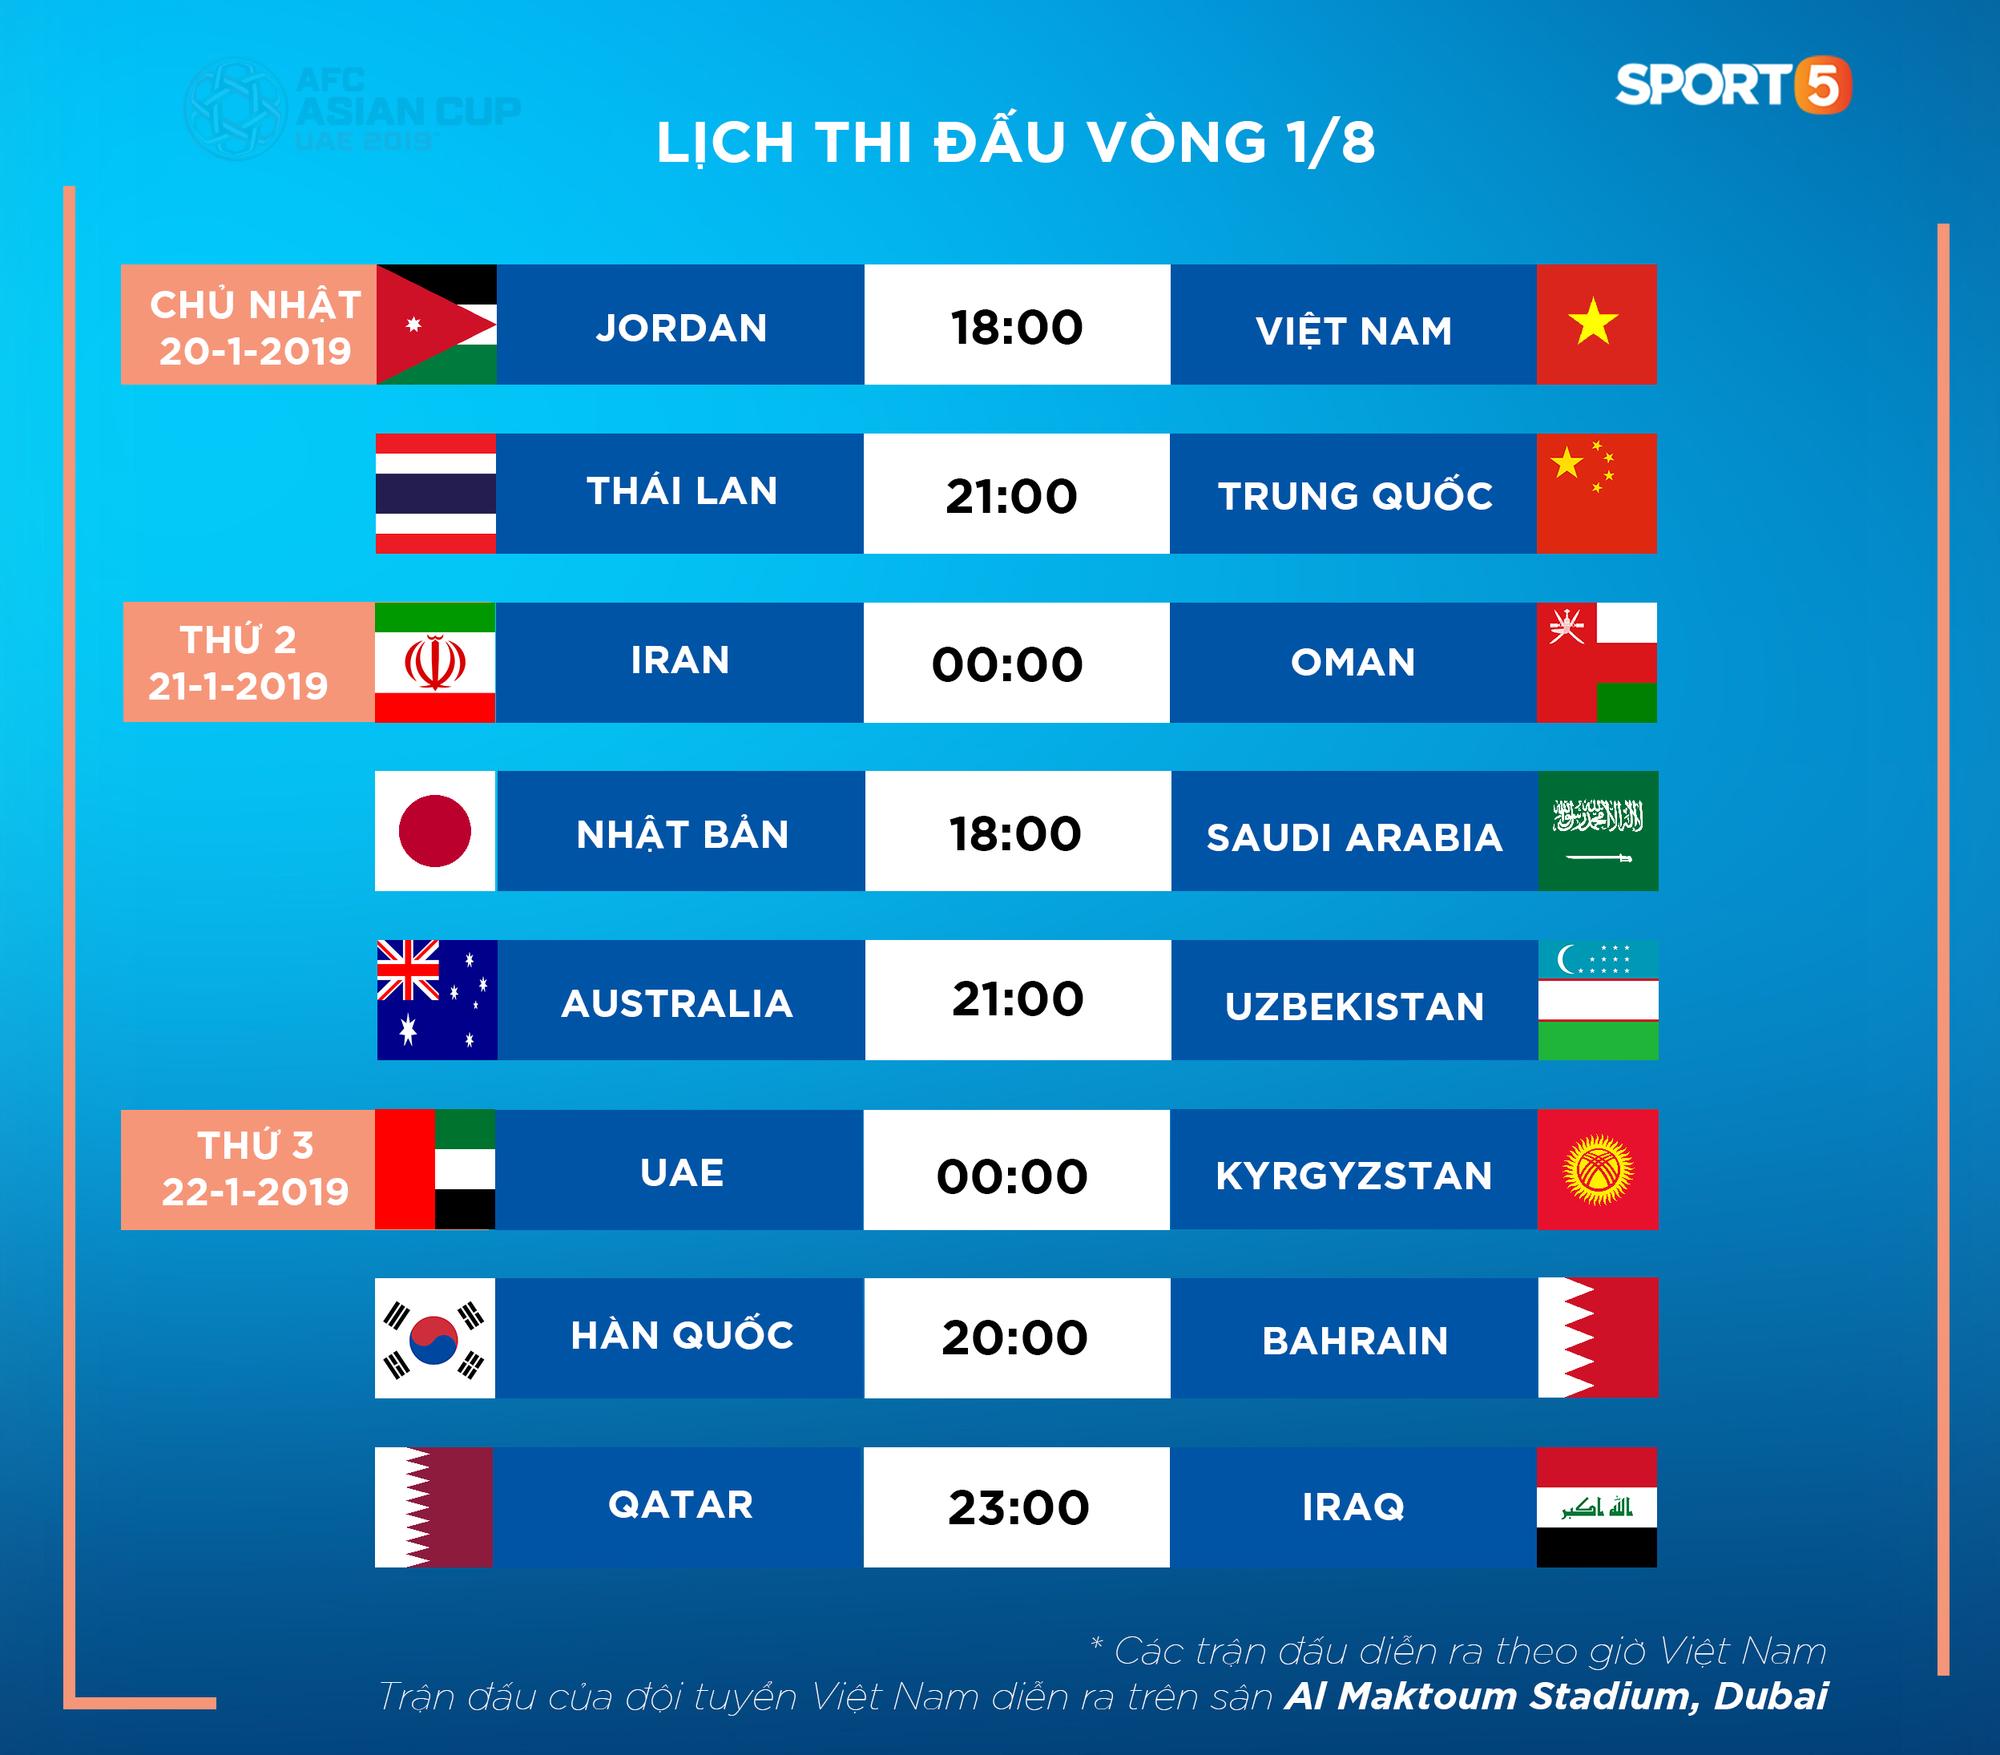 Nóng: Trọng tài cực gắt, từng rút mưa thẻ tại chung kết lượt về AFF Cup 2018, cầm còi trận Việt Nam - Jordan-3